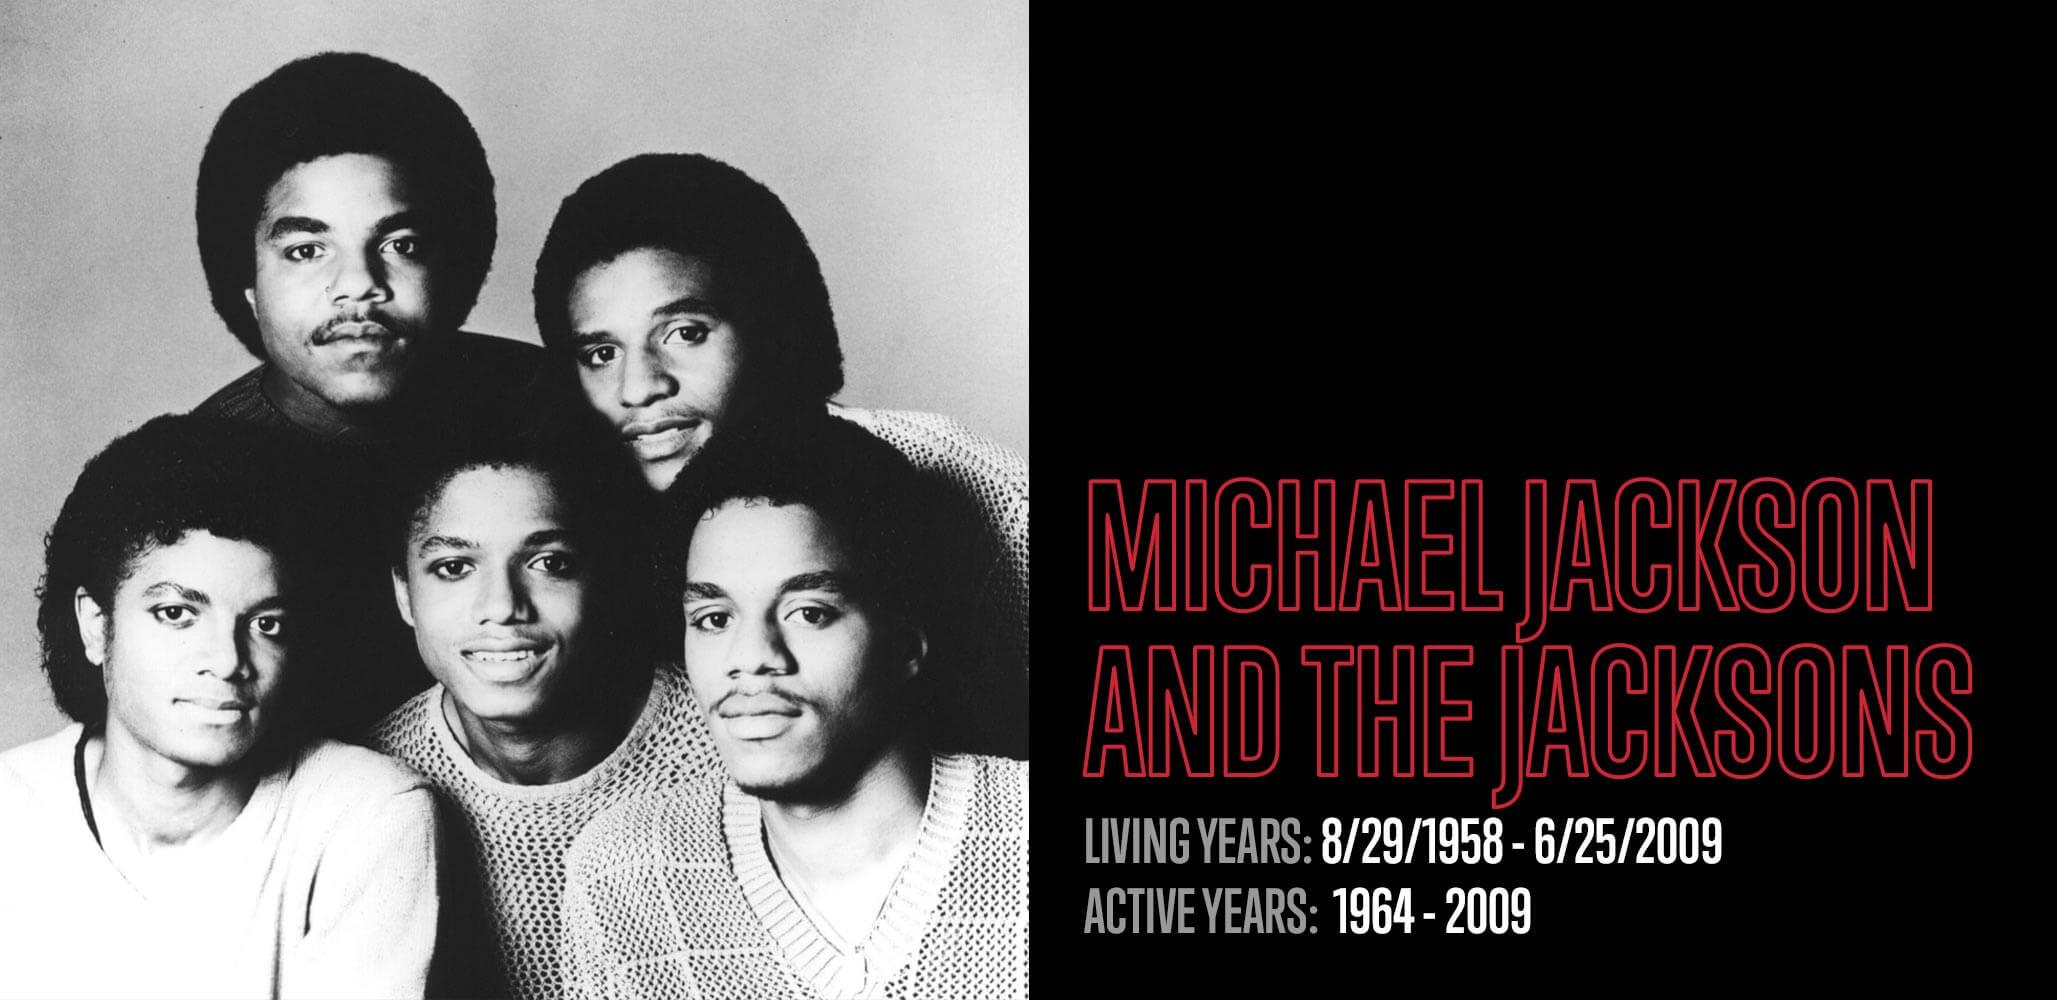 Michael Jackson and The Jacksons